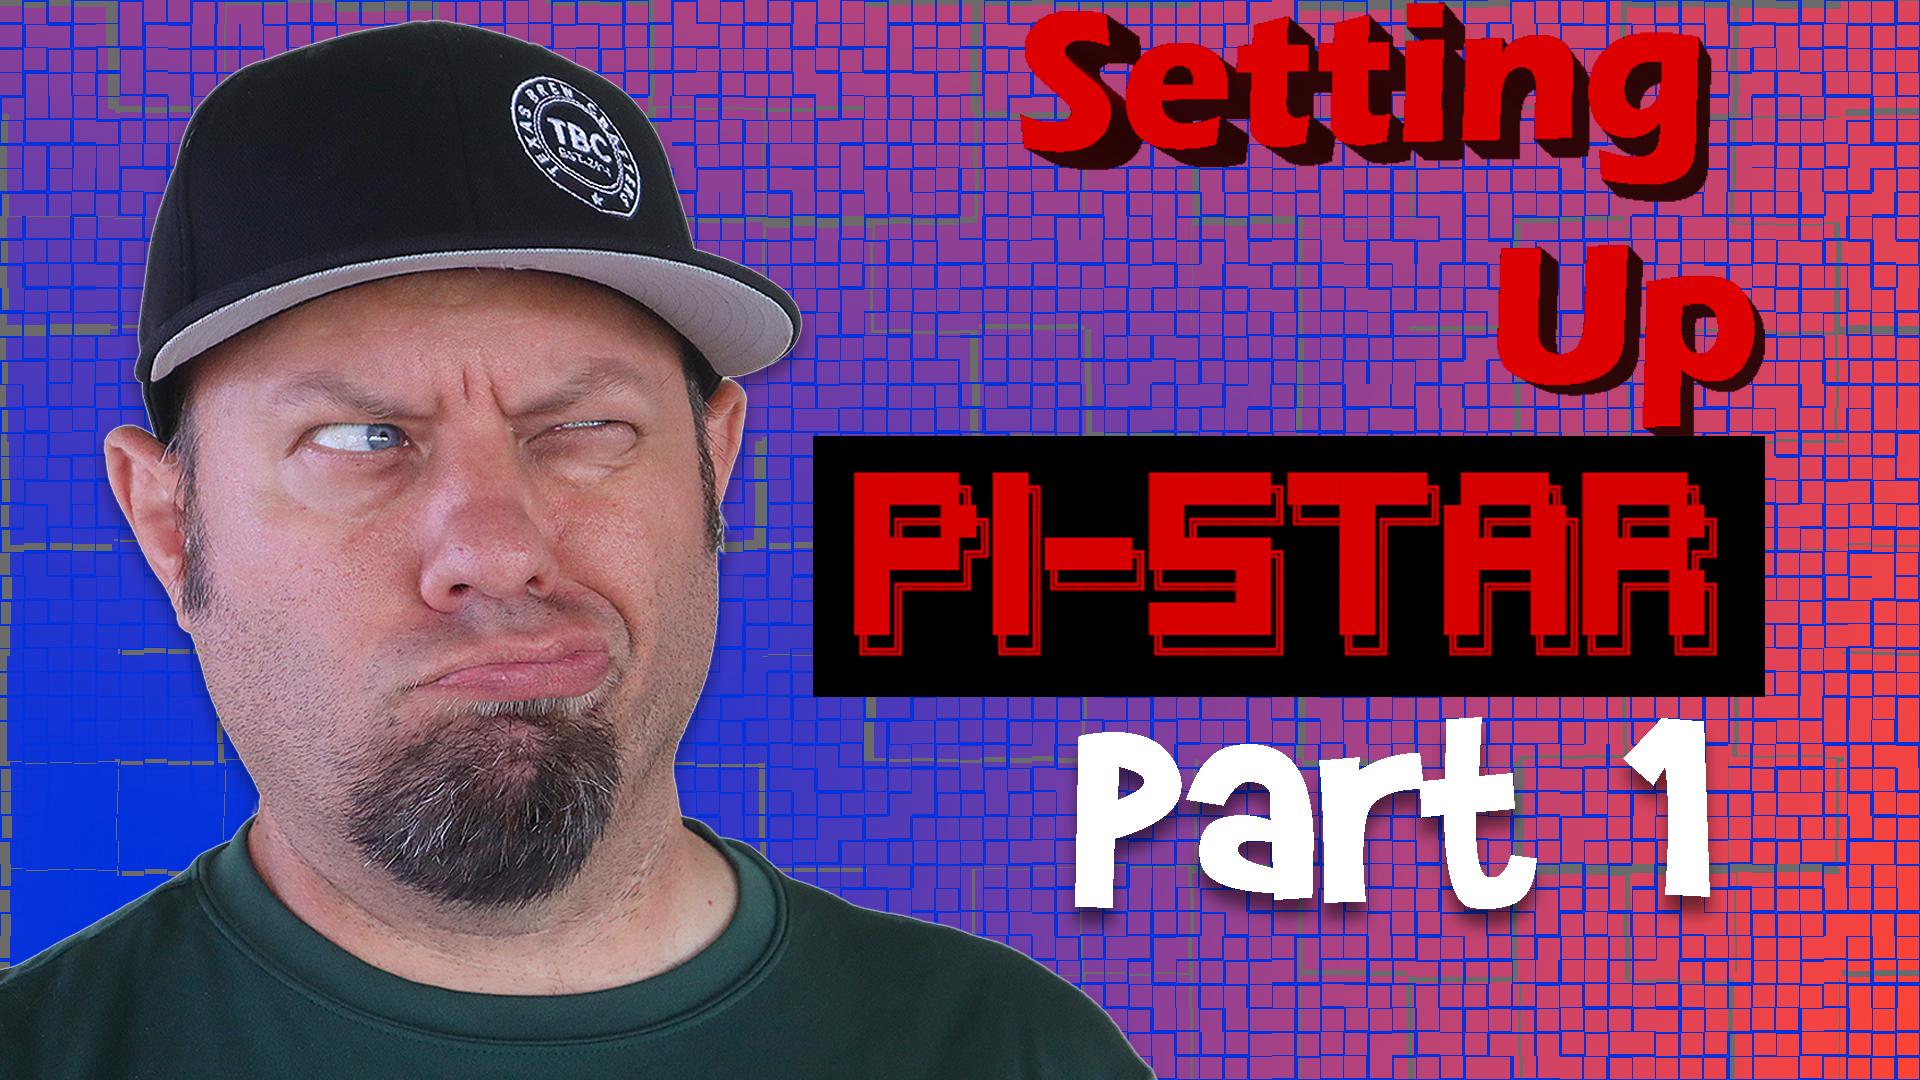 Episode 520: Pi-star Tutorial Complete Setup and Programming for DMR